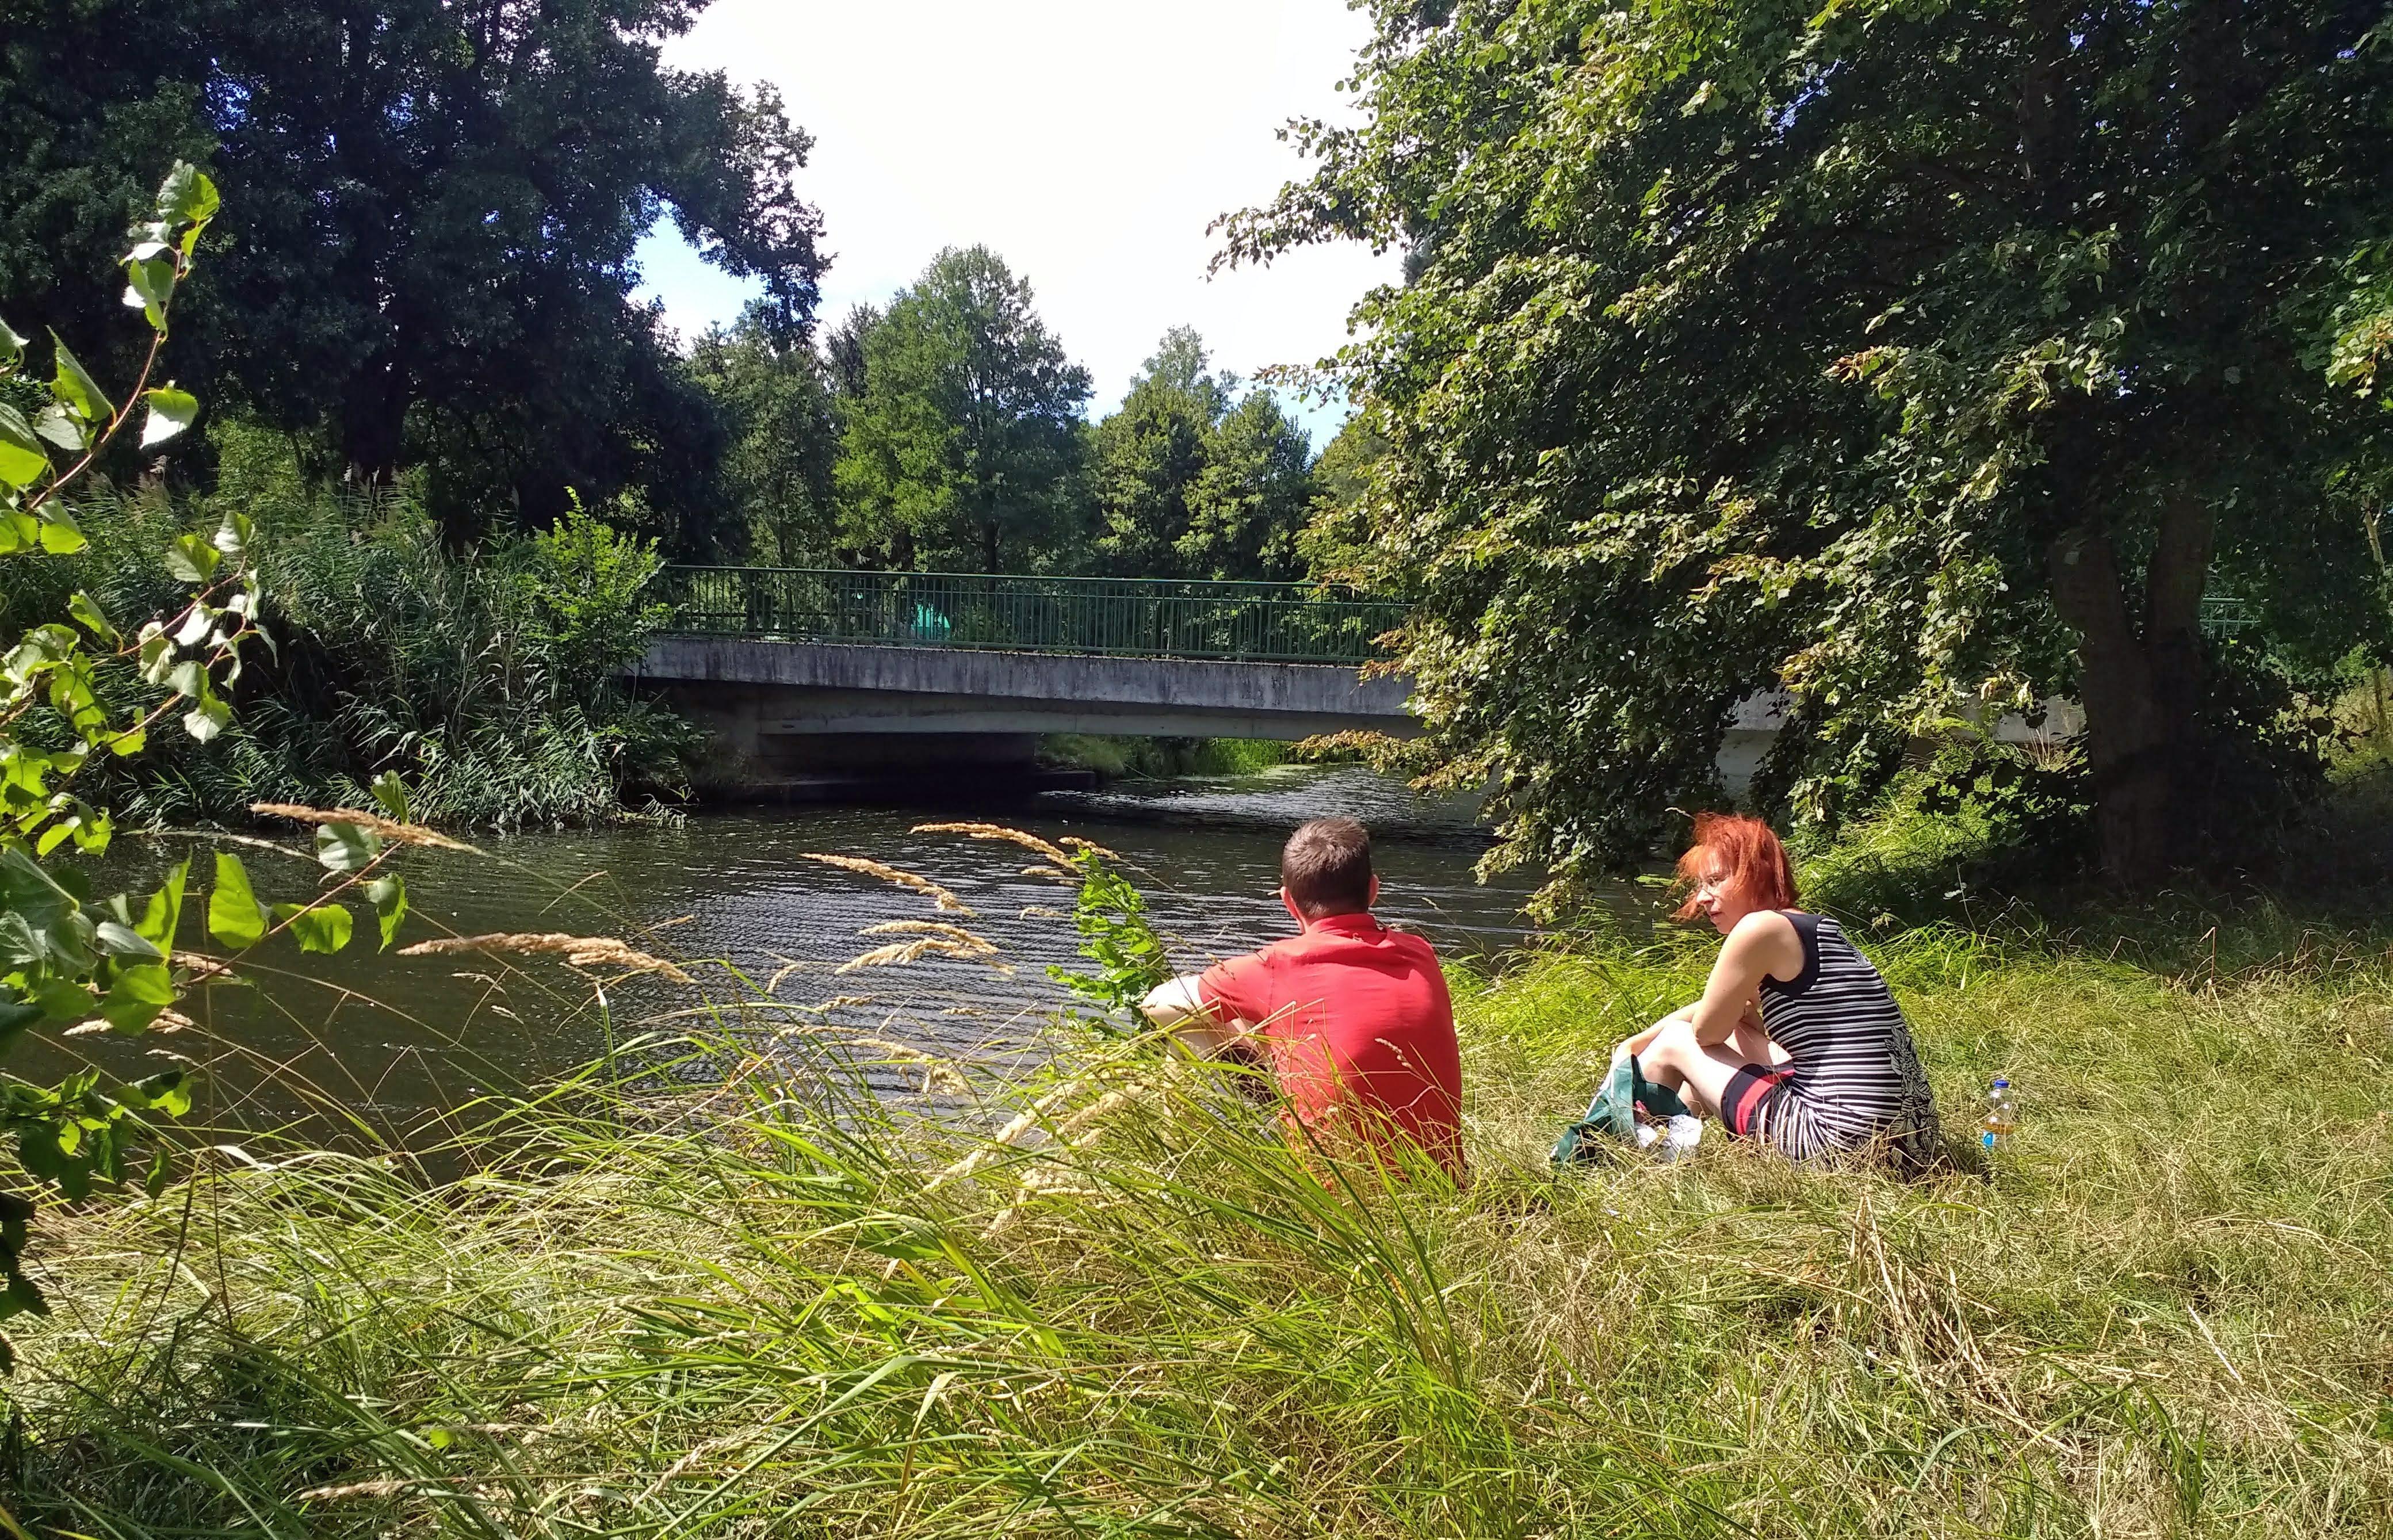 Einer der lauschigen Picknickplätze: Rothaarige Motorradfahrerin und ein junger Mann im roten T-Shirt beim Picknick an einer Brücke am baumbestandenen Flussufer